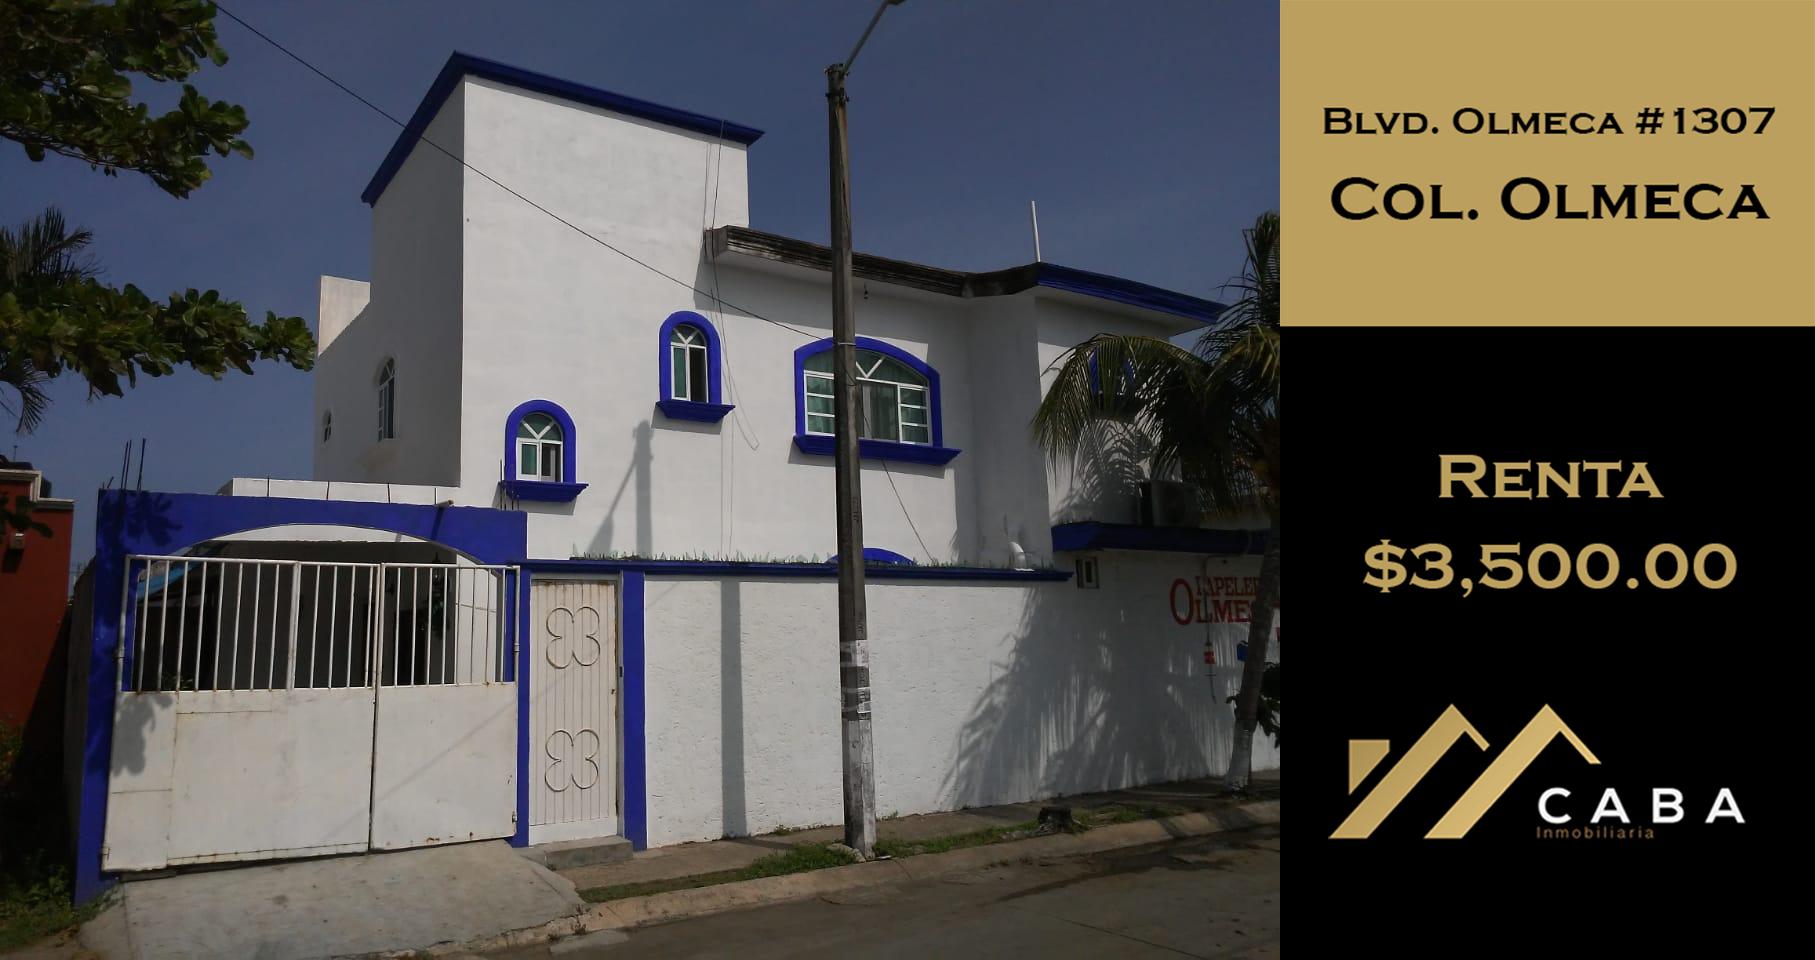 Casa en Renta en Col. Olmeca, Coatzacoalcos, Ver.